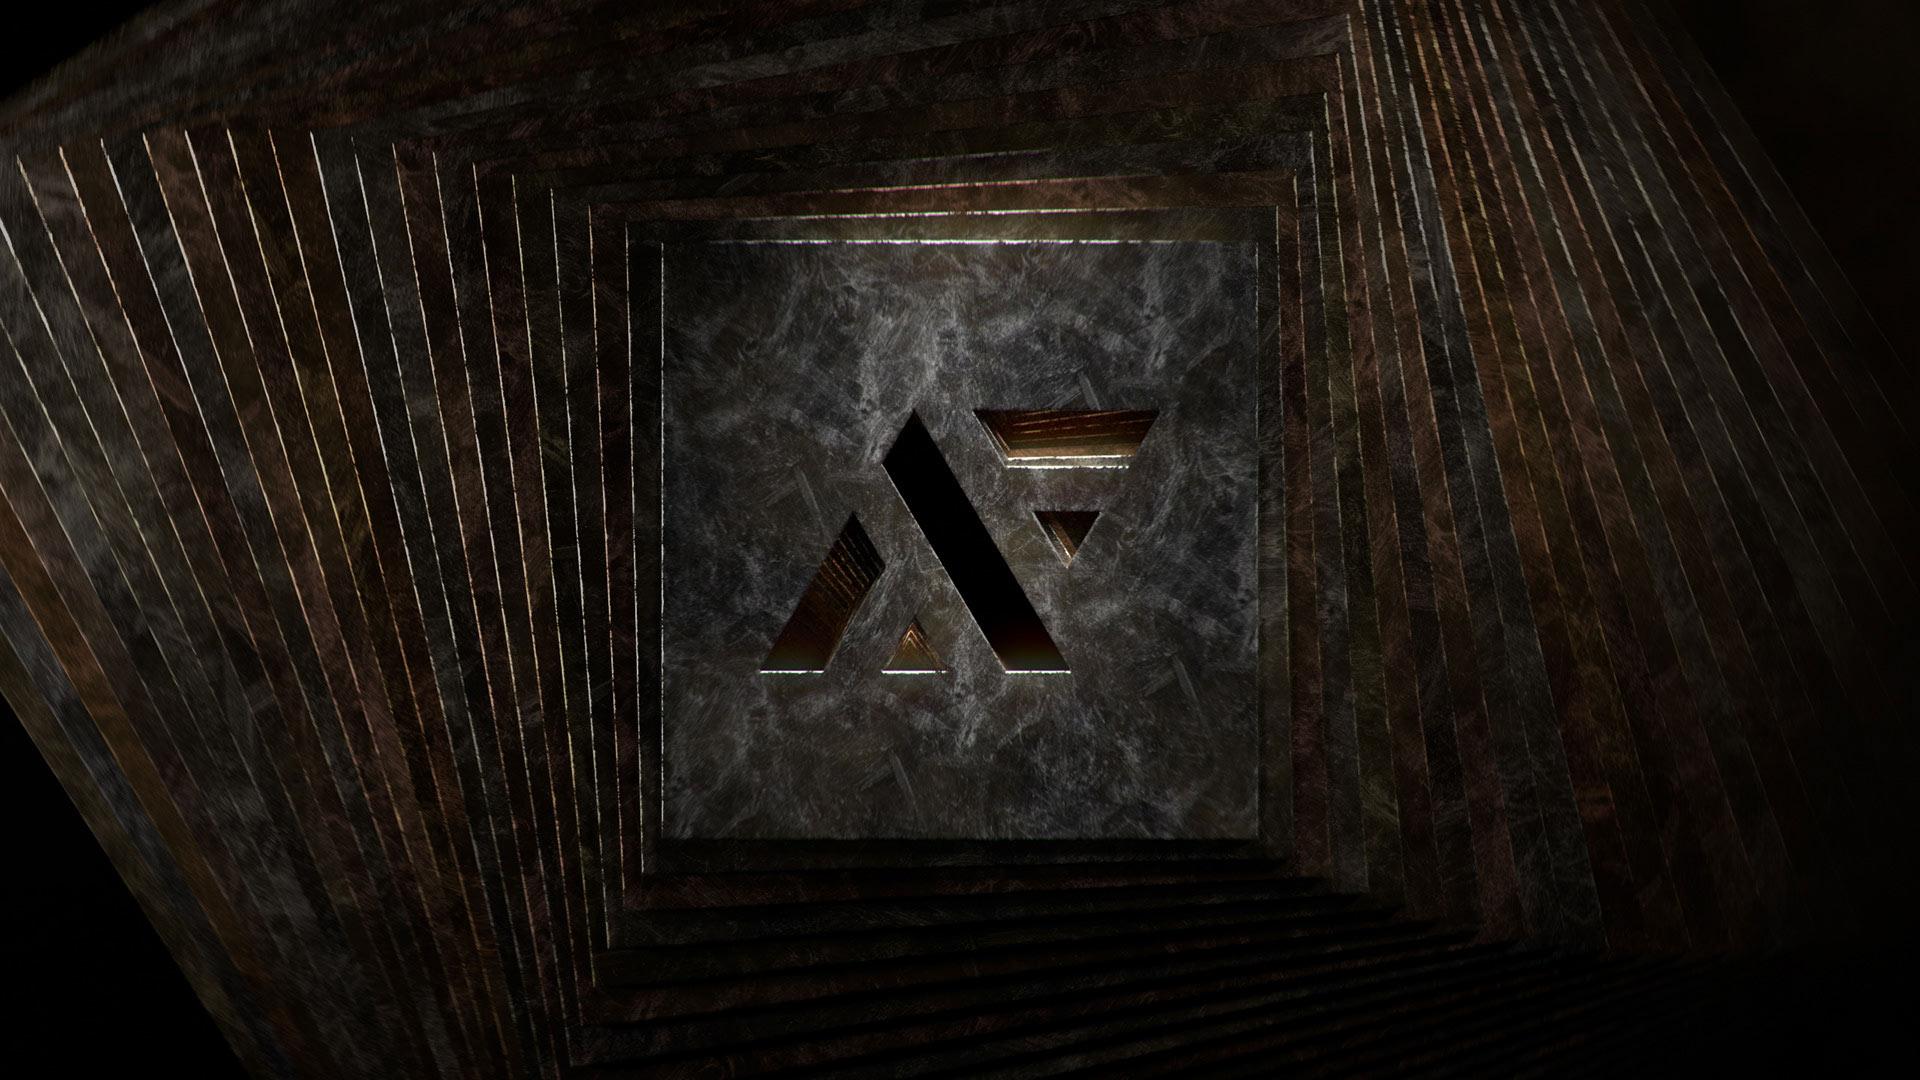 avantform_launch_reel_089_opt